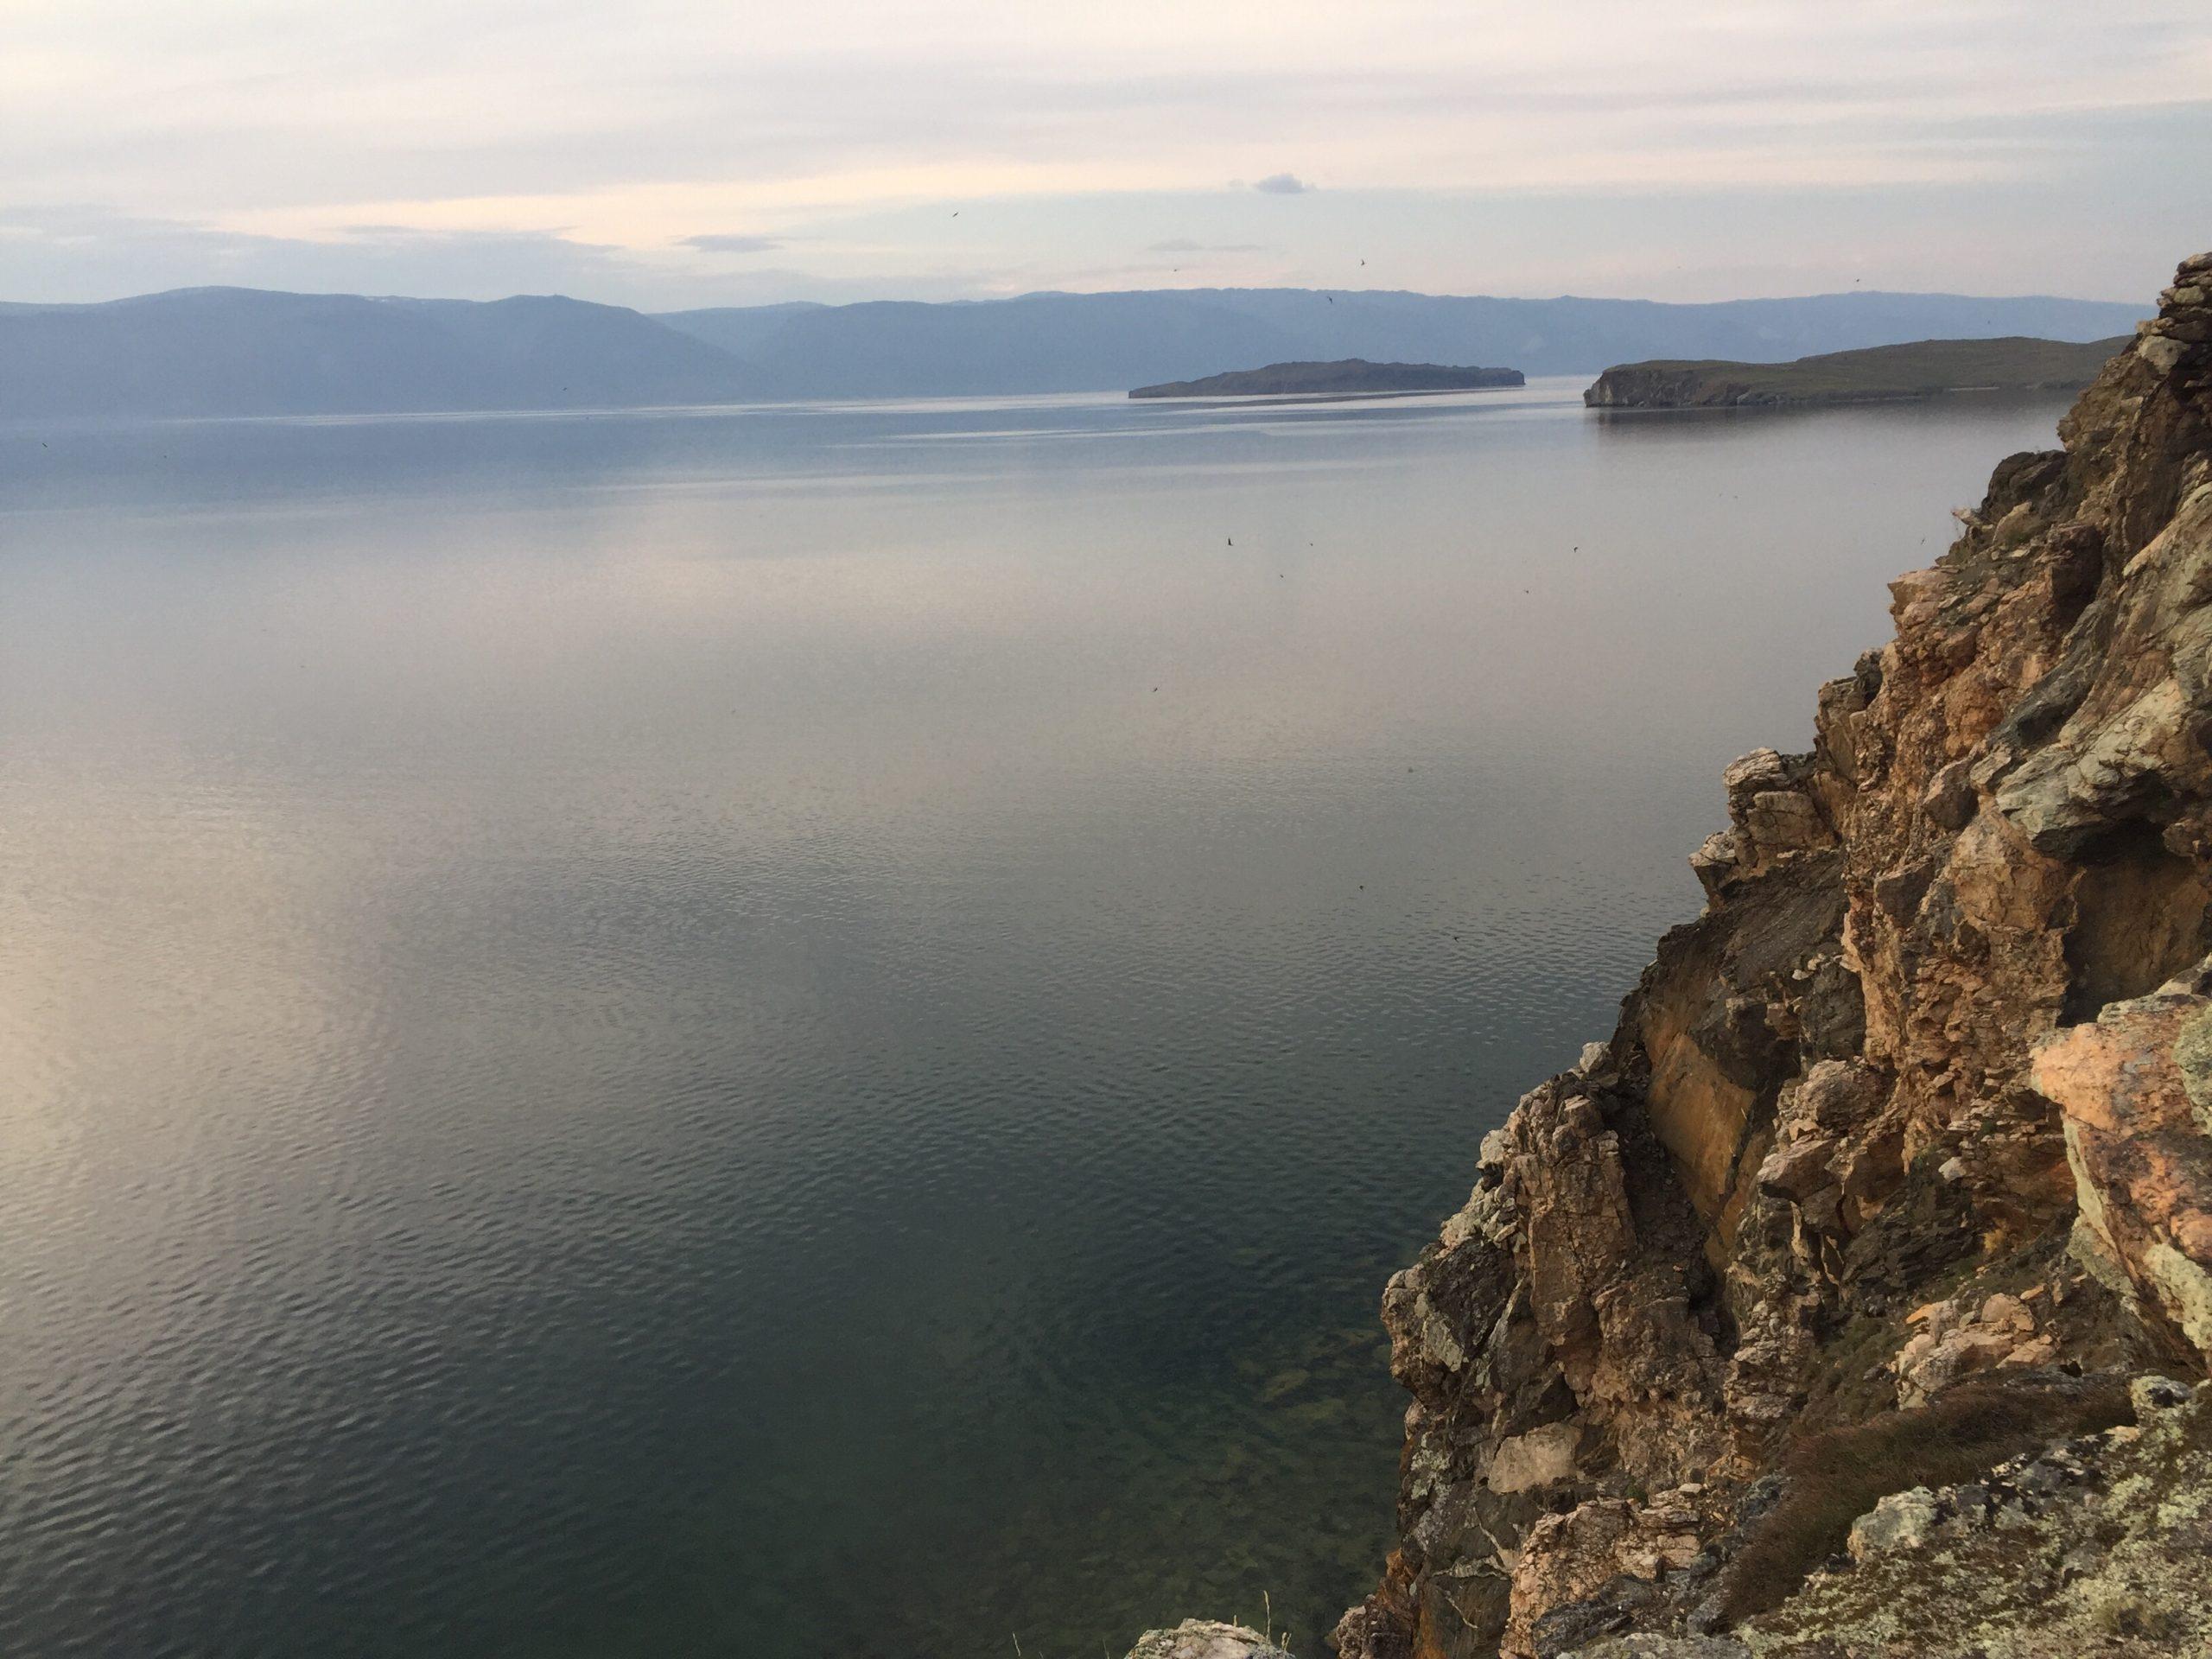 L'ile d'Okhlon sur le lac Baïkal - jours 1 à 3